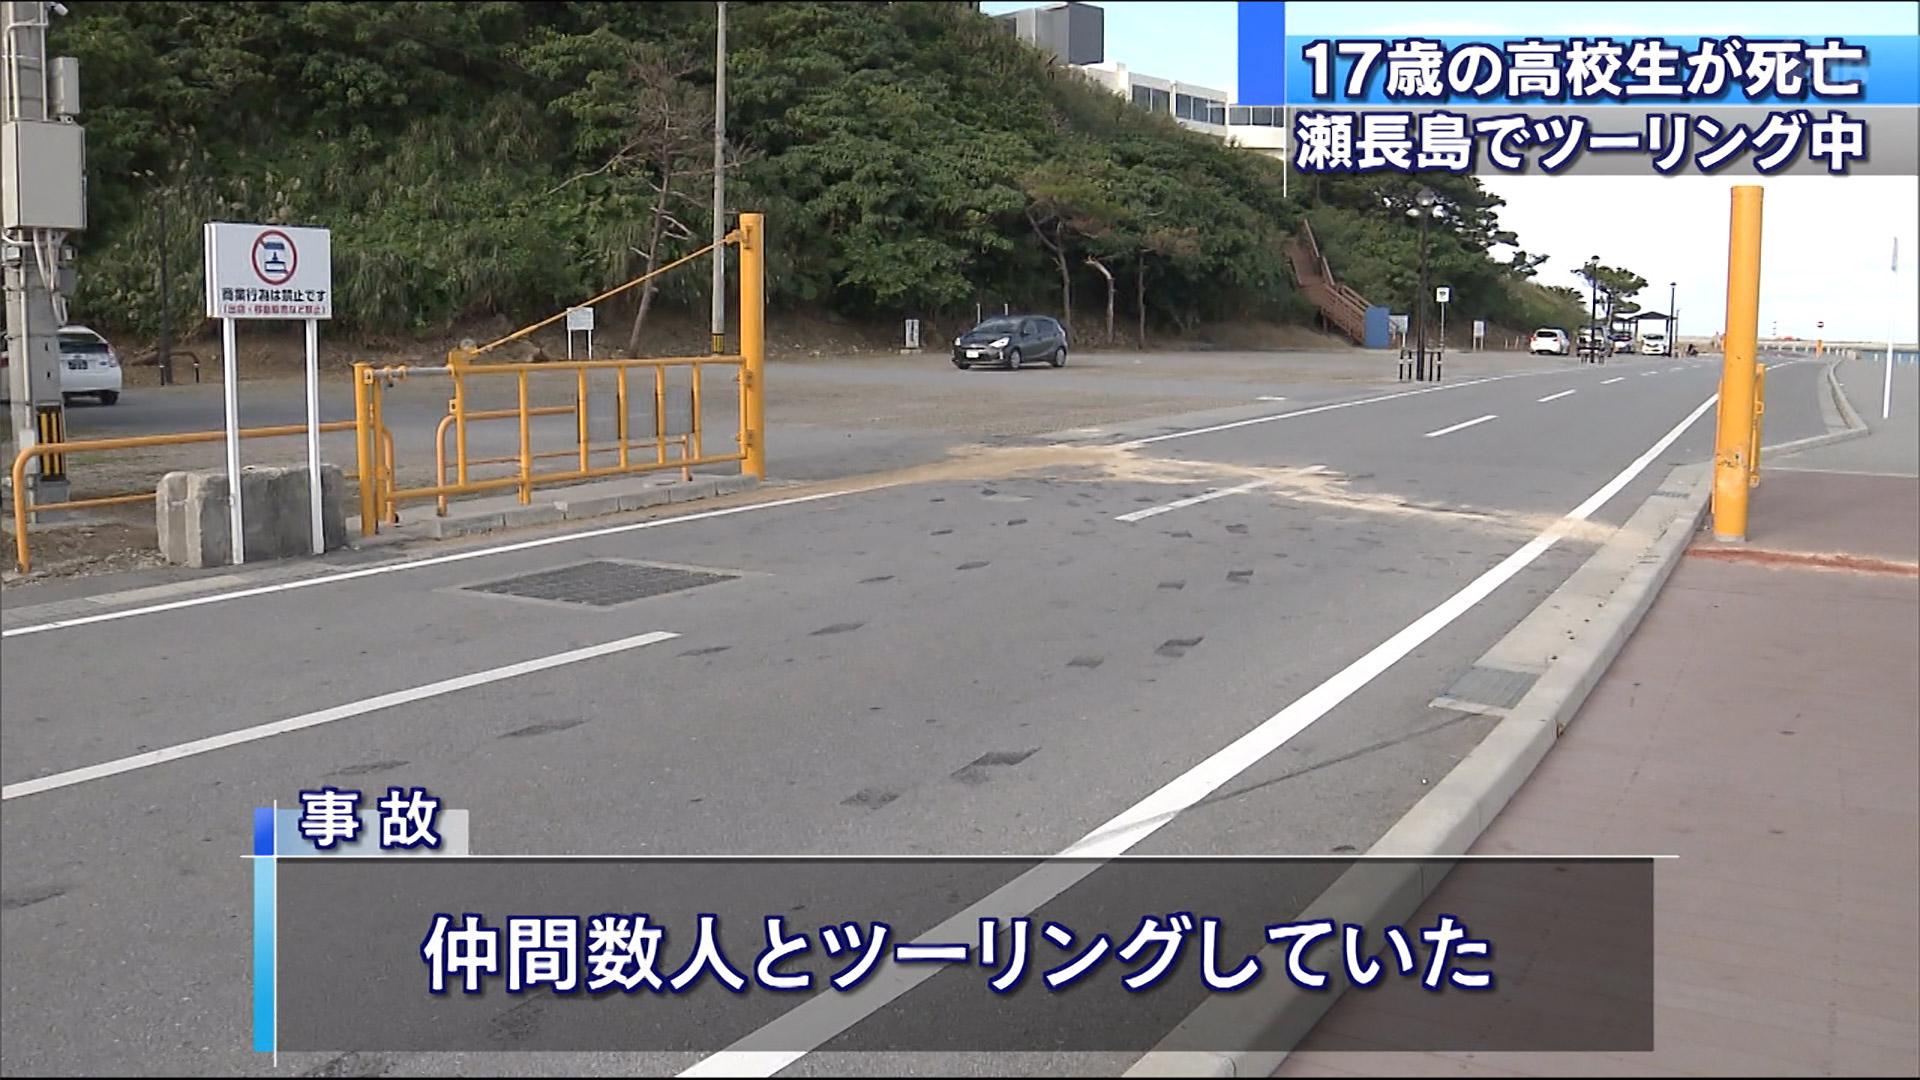 瀬長島で単独事故 高校生死亡